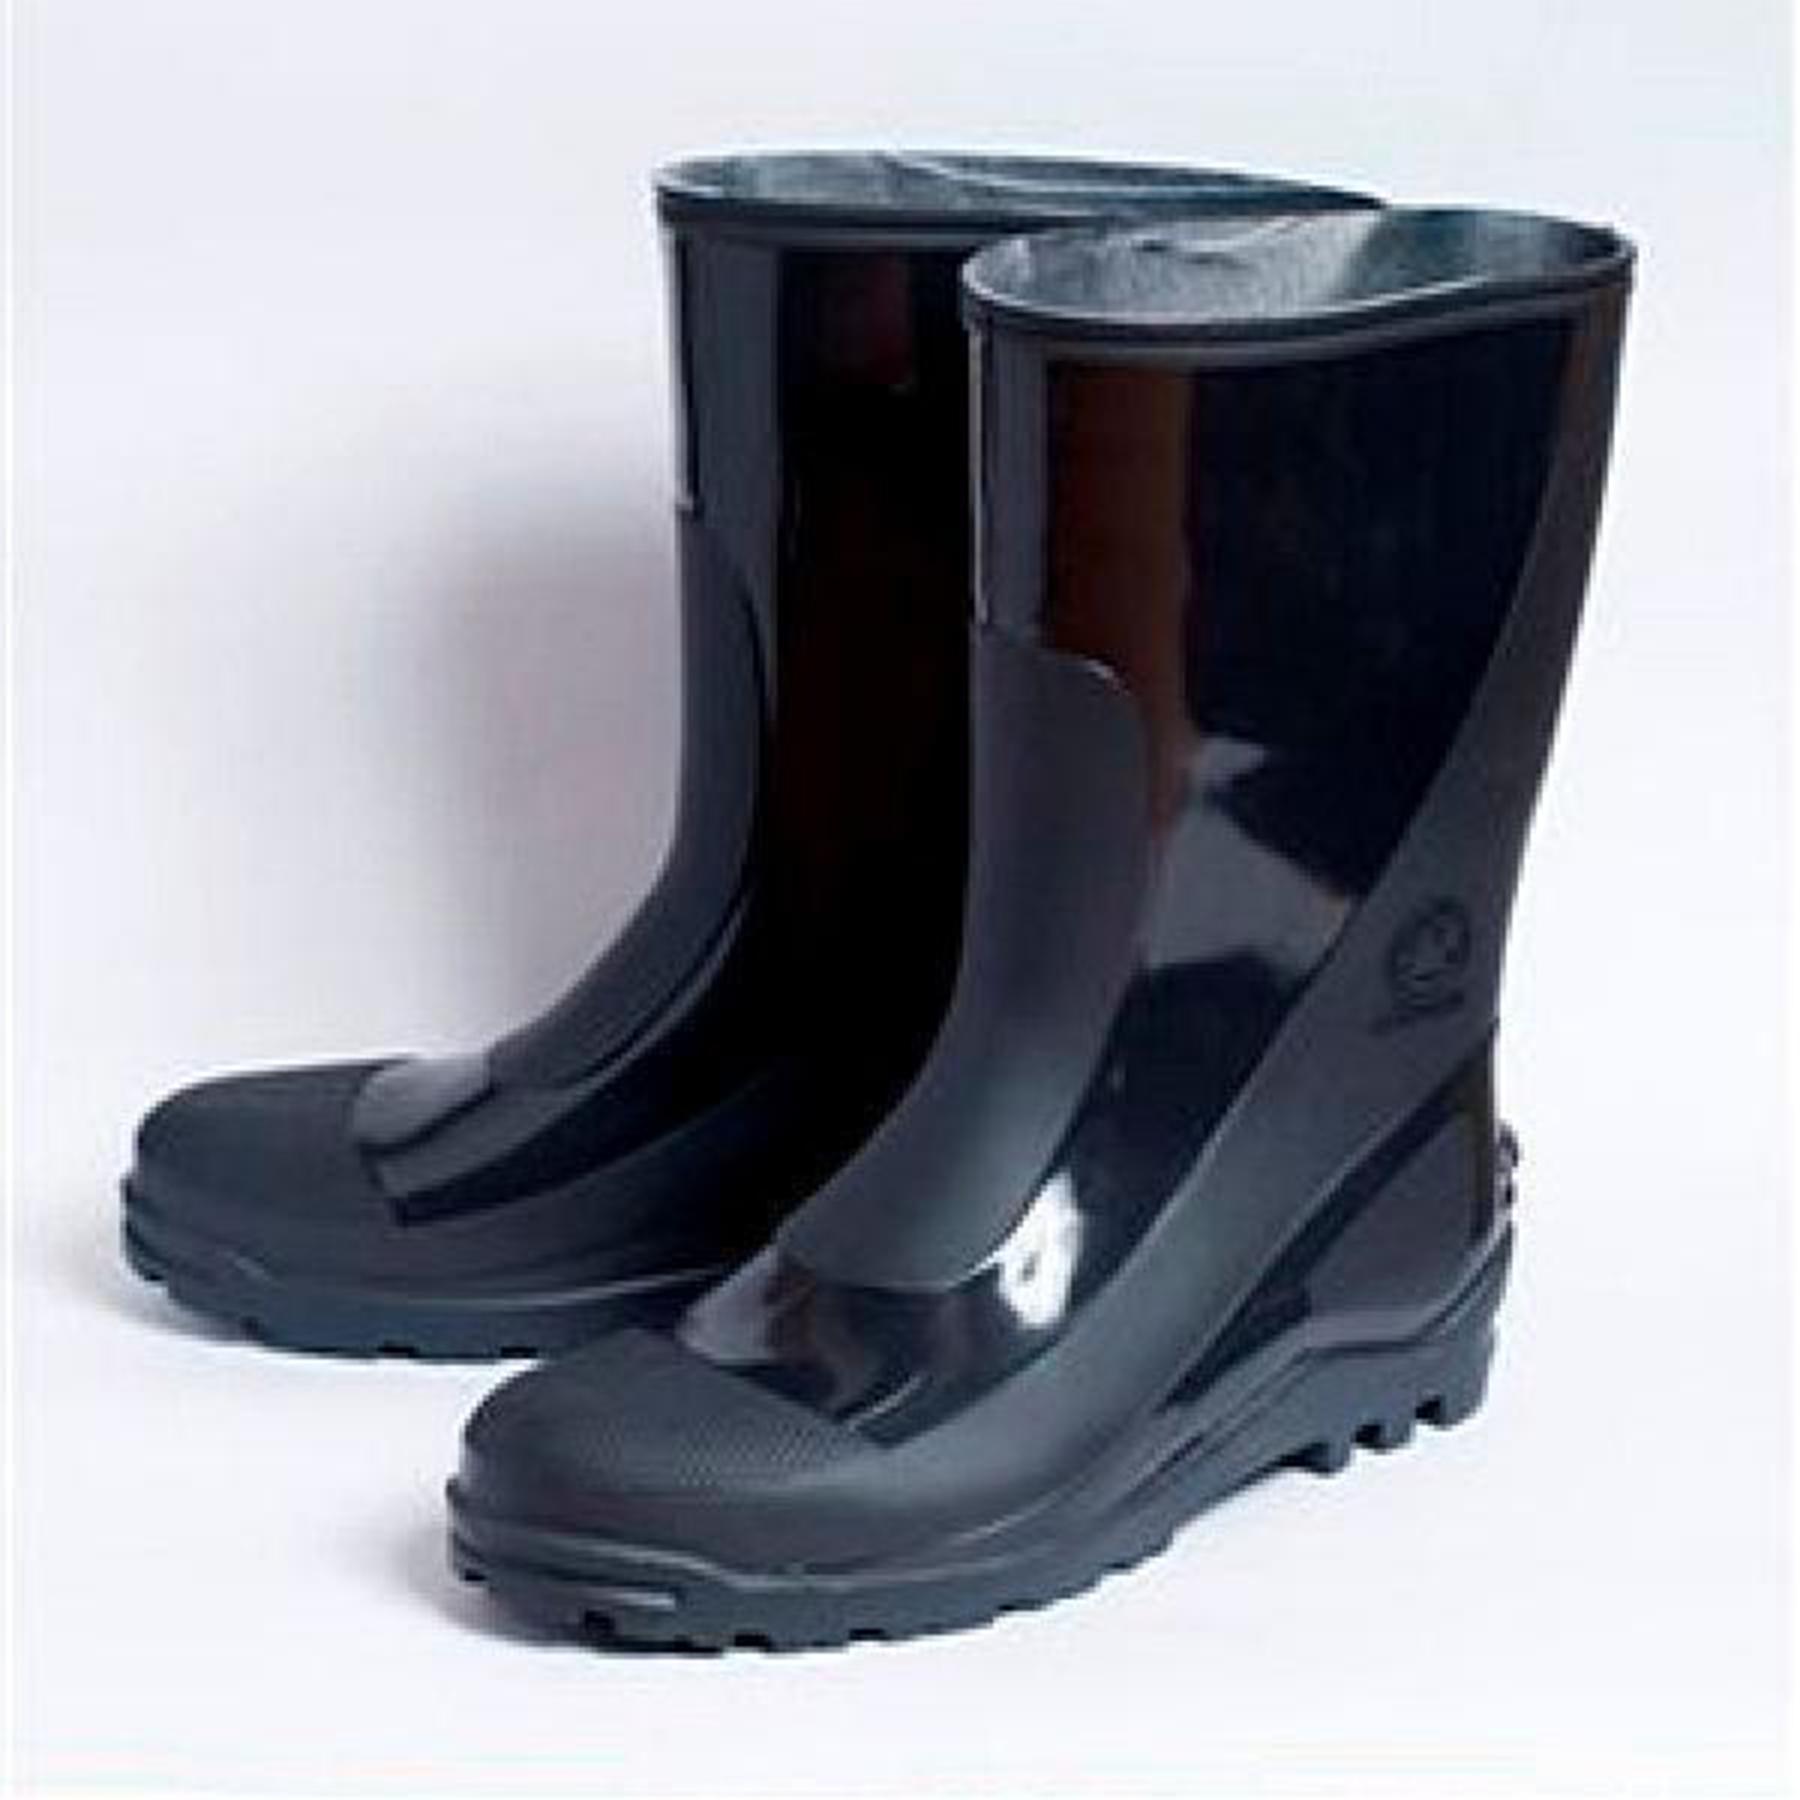 Сапоги ПВХ мужские 95-77 р.45 цвет черный/олива высота 30см